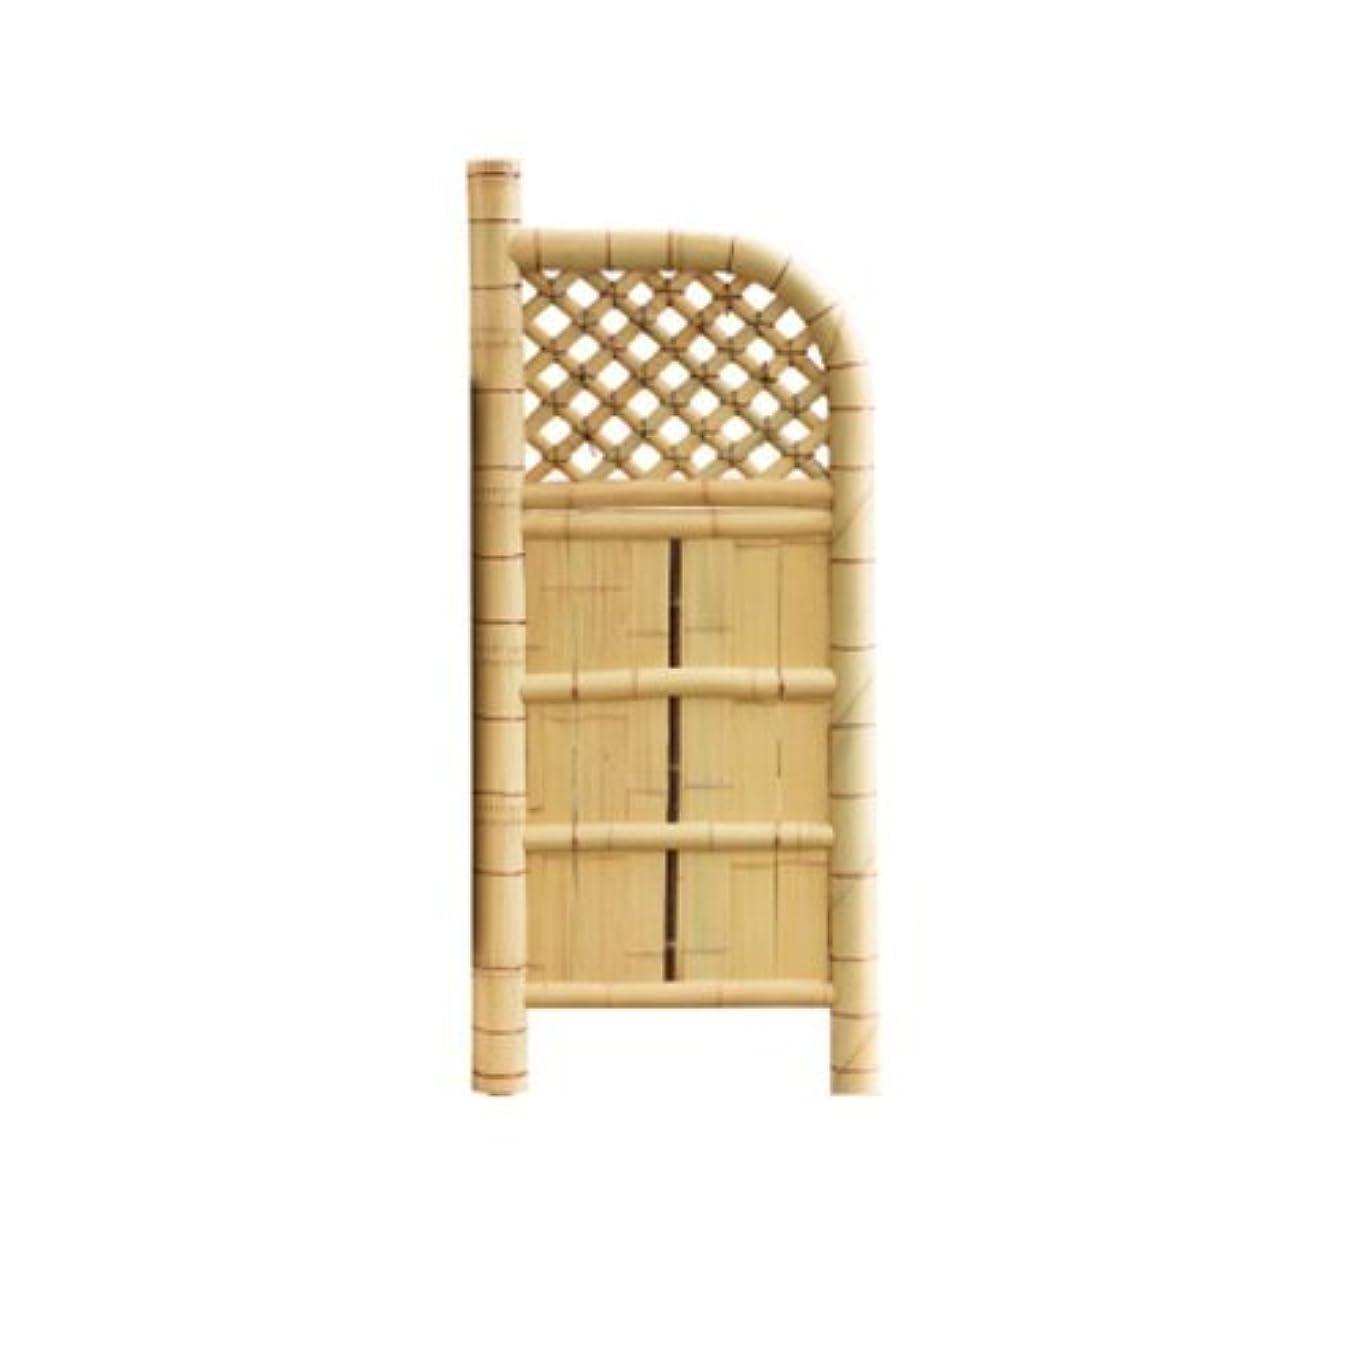 排気経験者促進する天然竹玉袖垣 幅70cm 高さ160cm 垣